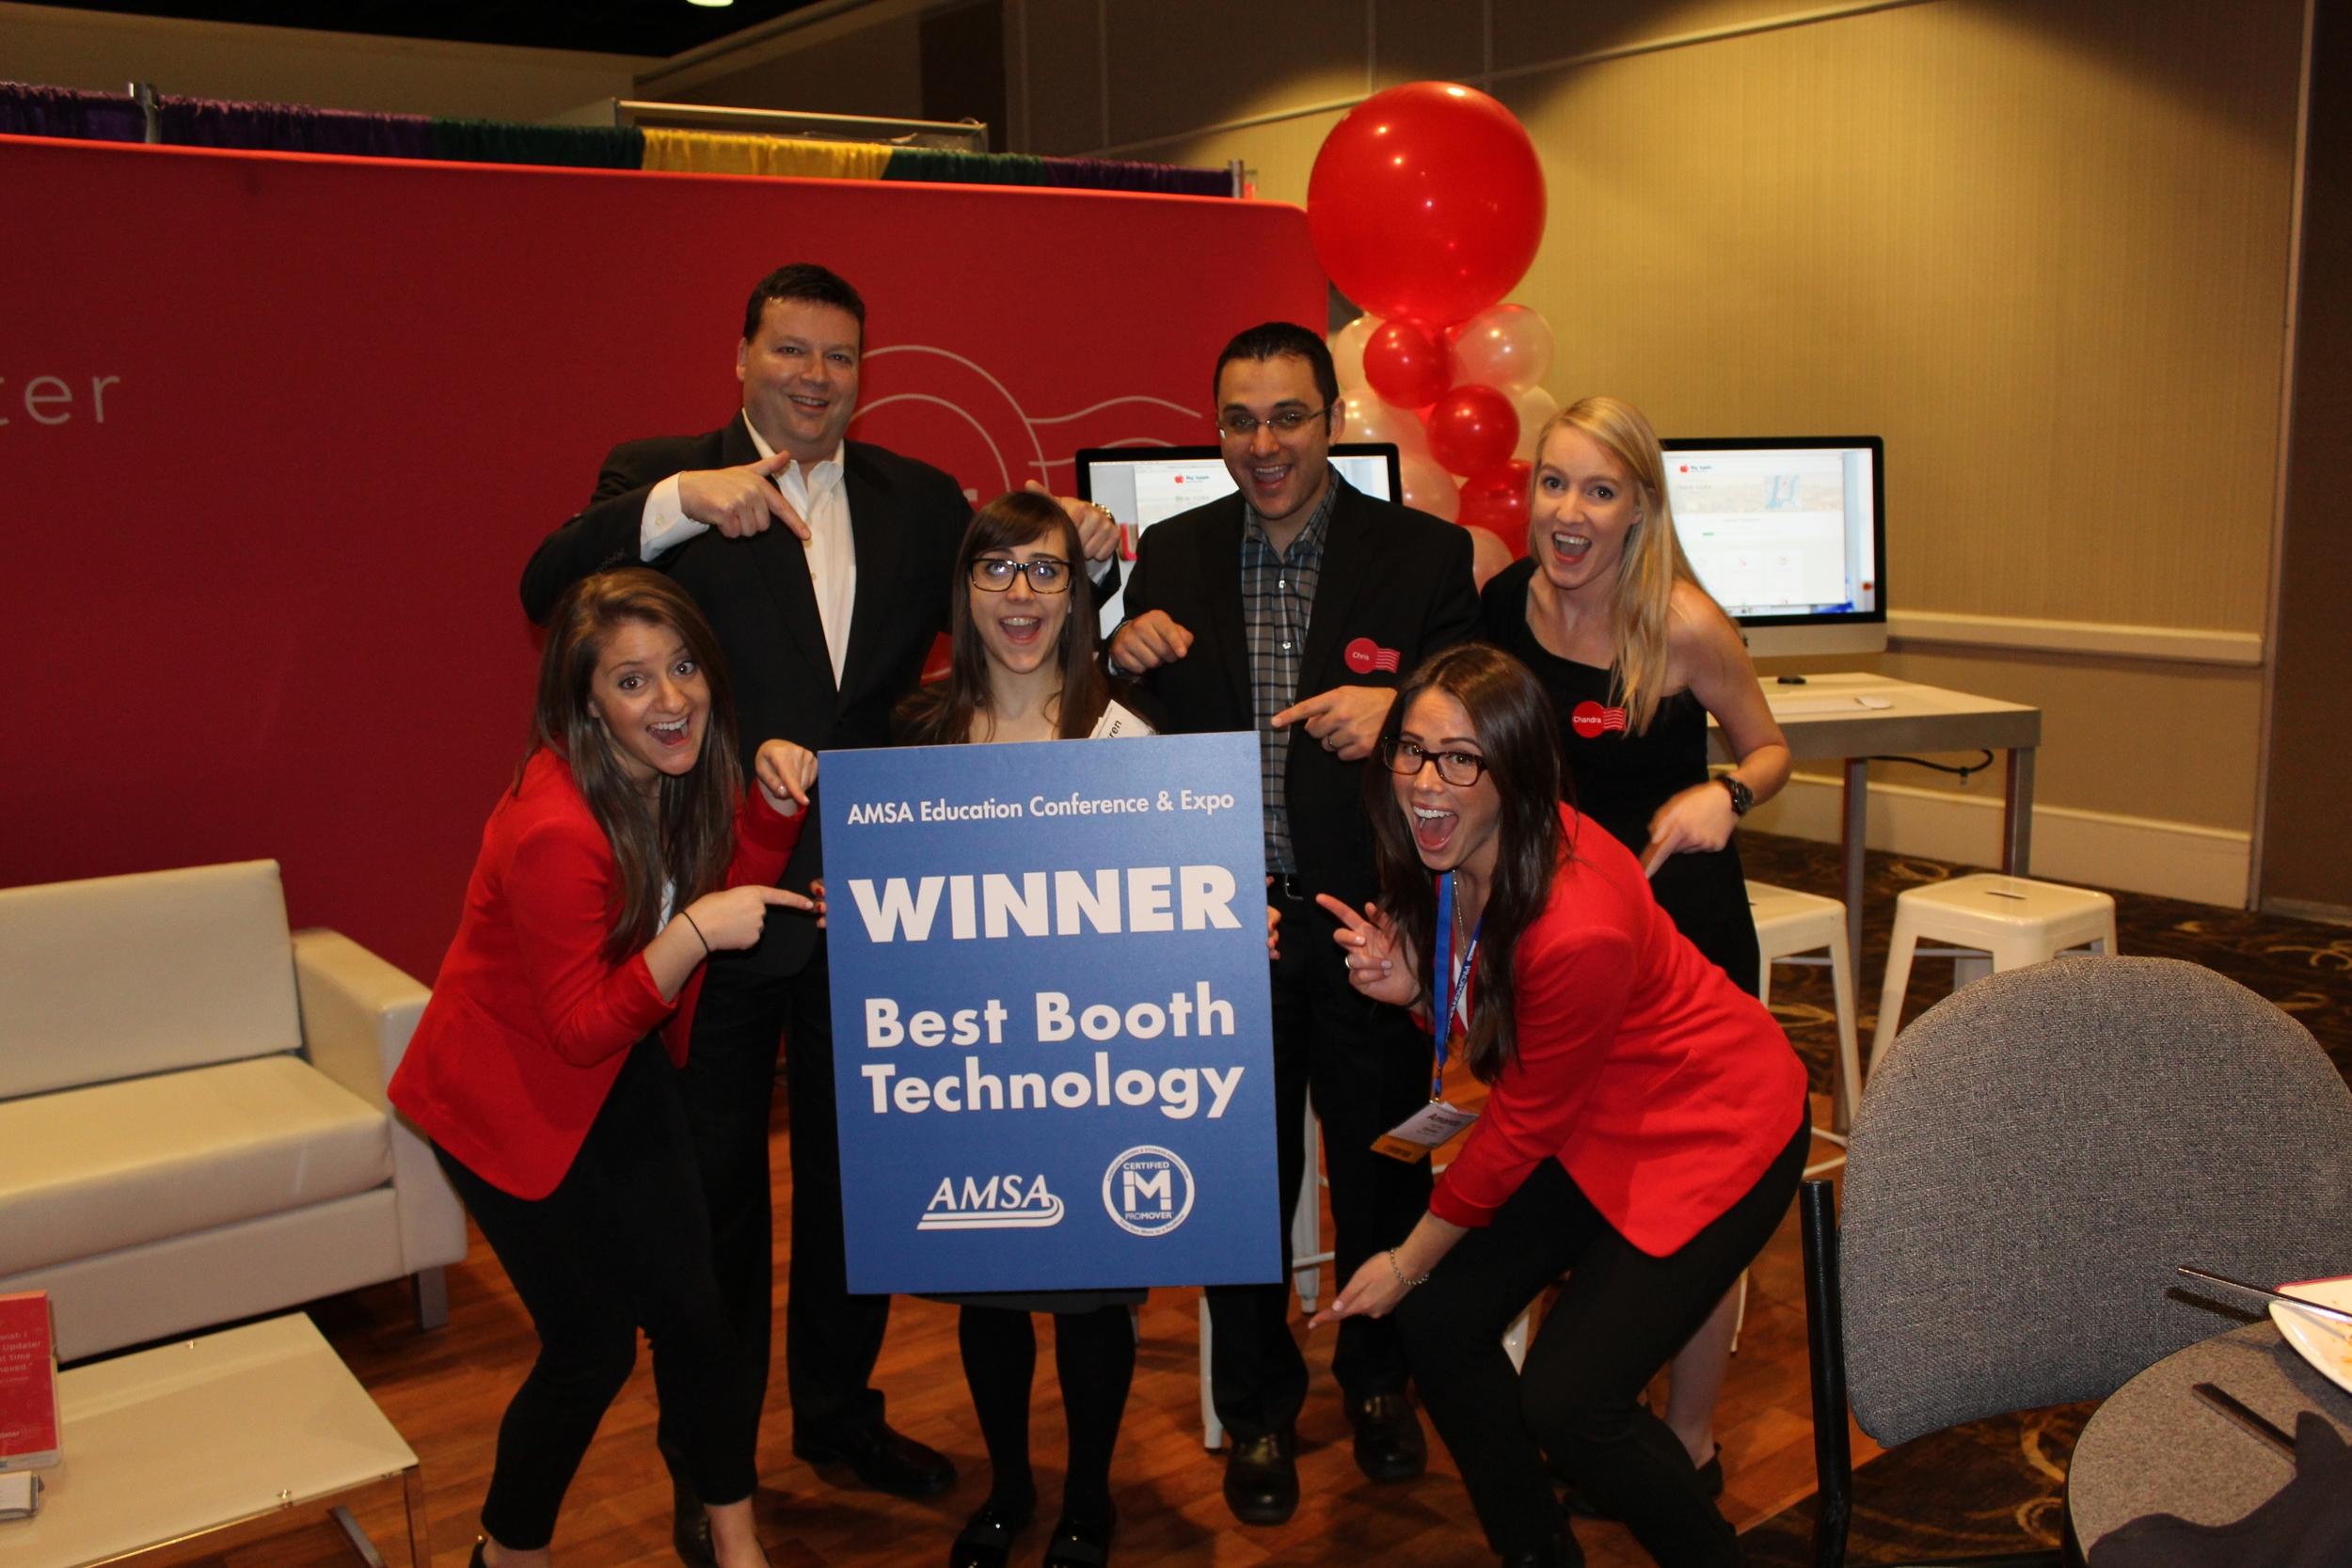 Updater wins Best Booth Technology Award